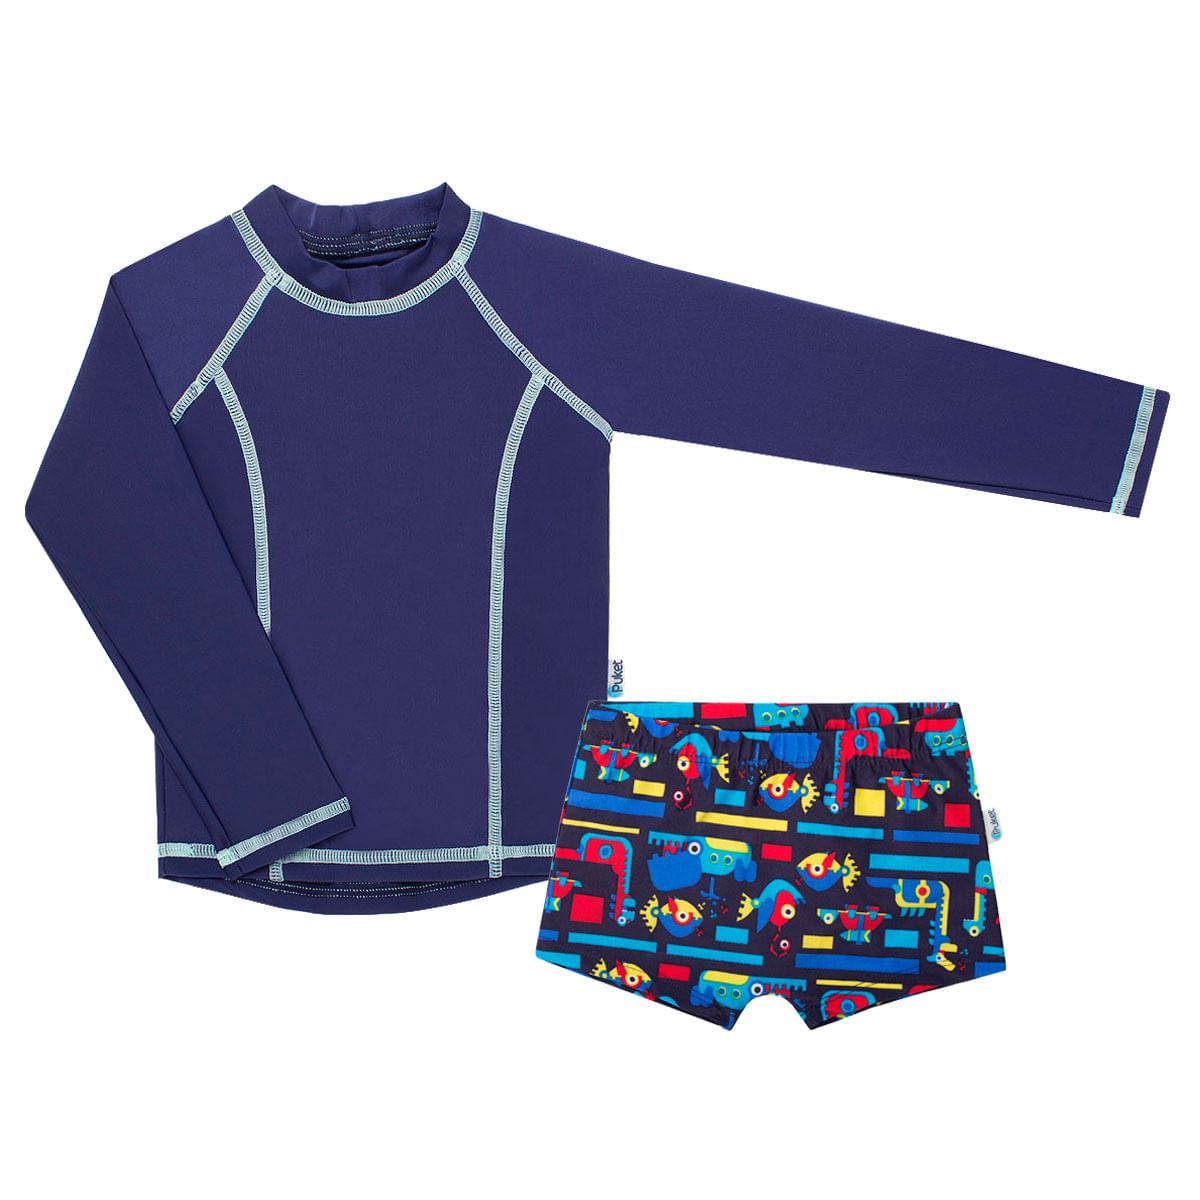 41eb515ea Conjunto de banho para bebê Robôs Marinhos: Camiseta Surfista + Sunga -  Puket